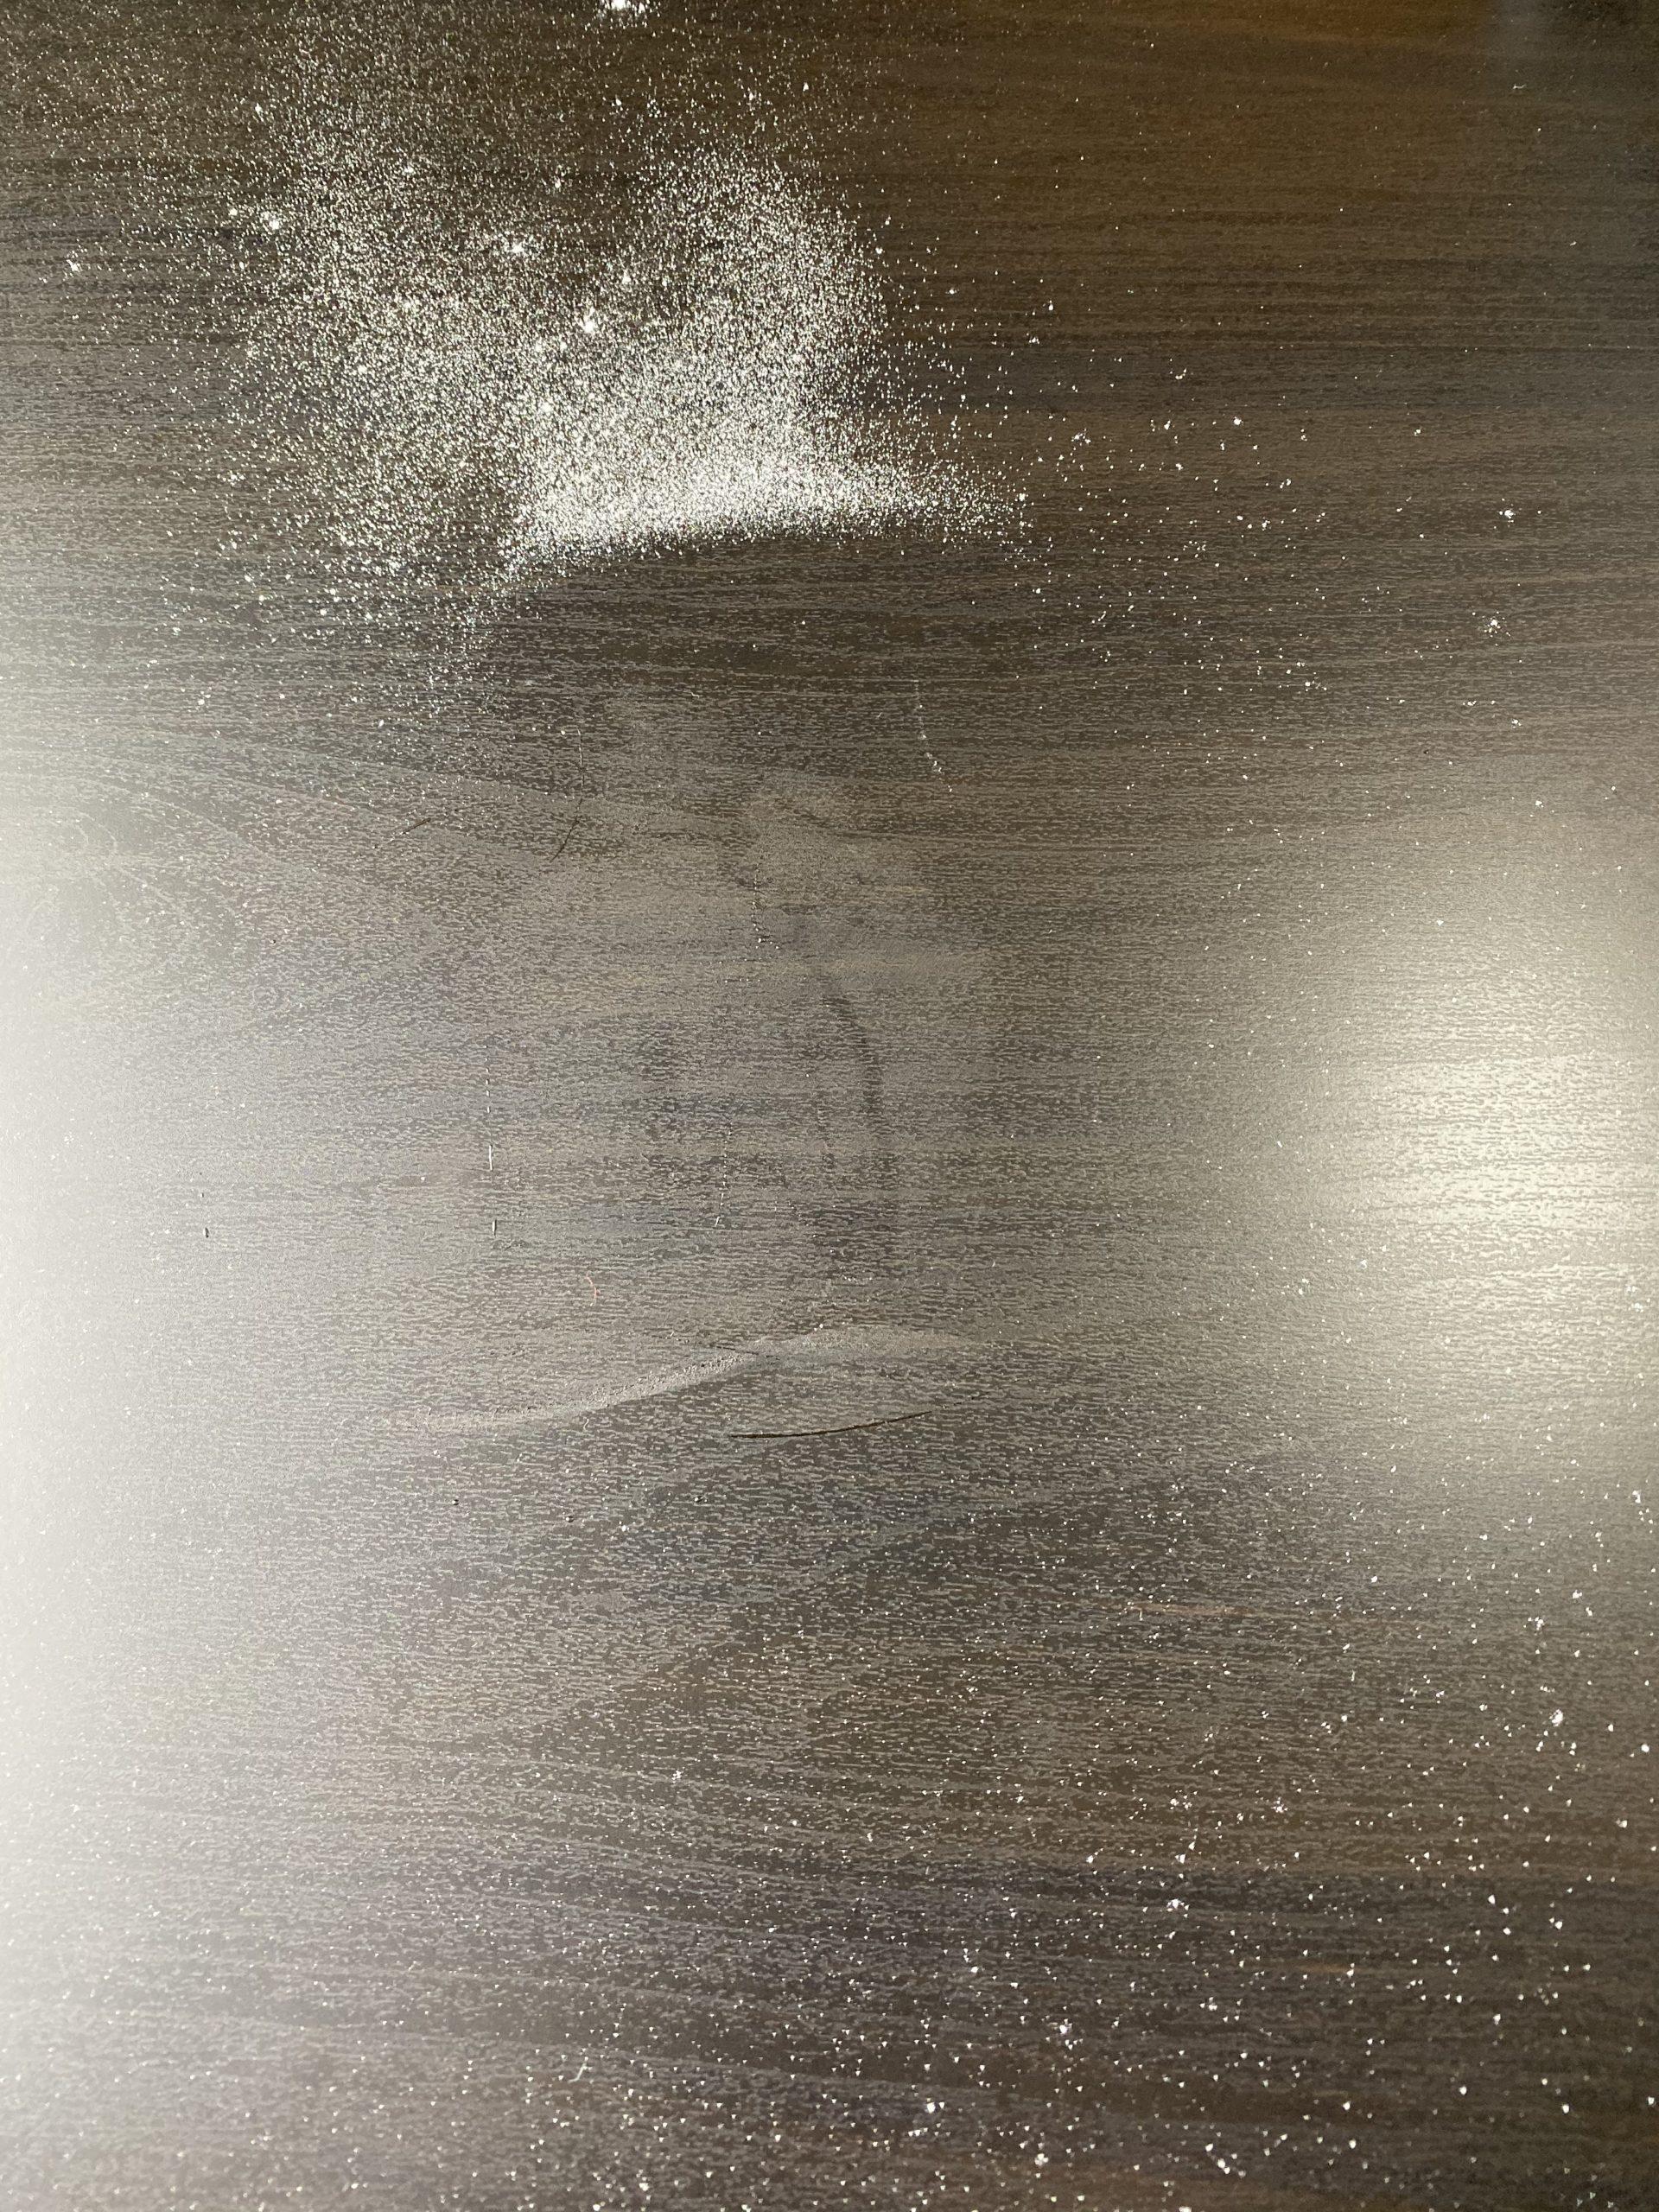 flour all over a black table